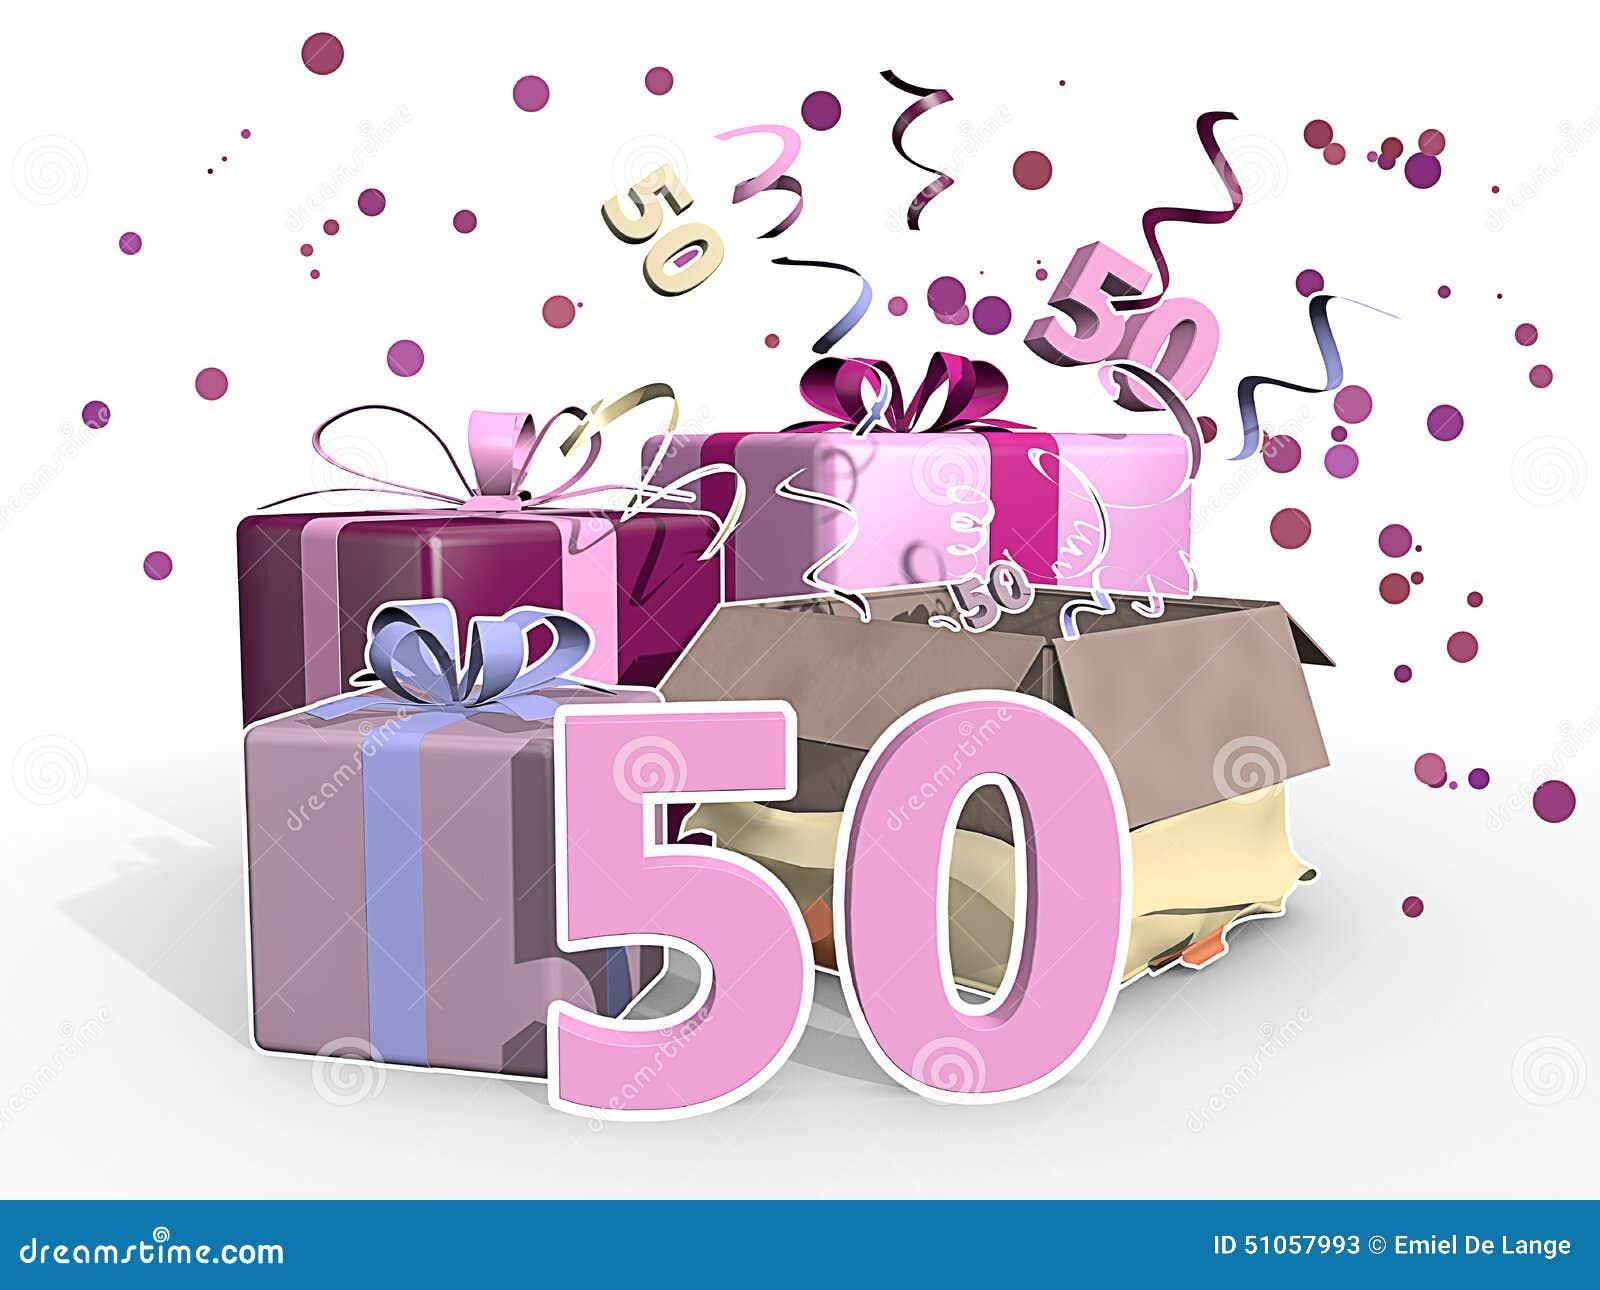 födelsedag 50 år En Illustration Av Gåvor För En Kvinna Som Firar Hennes Födelsedag  födelsedag 50 år